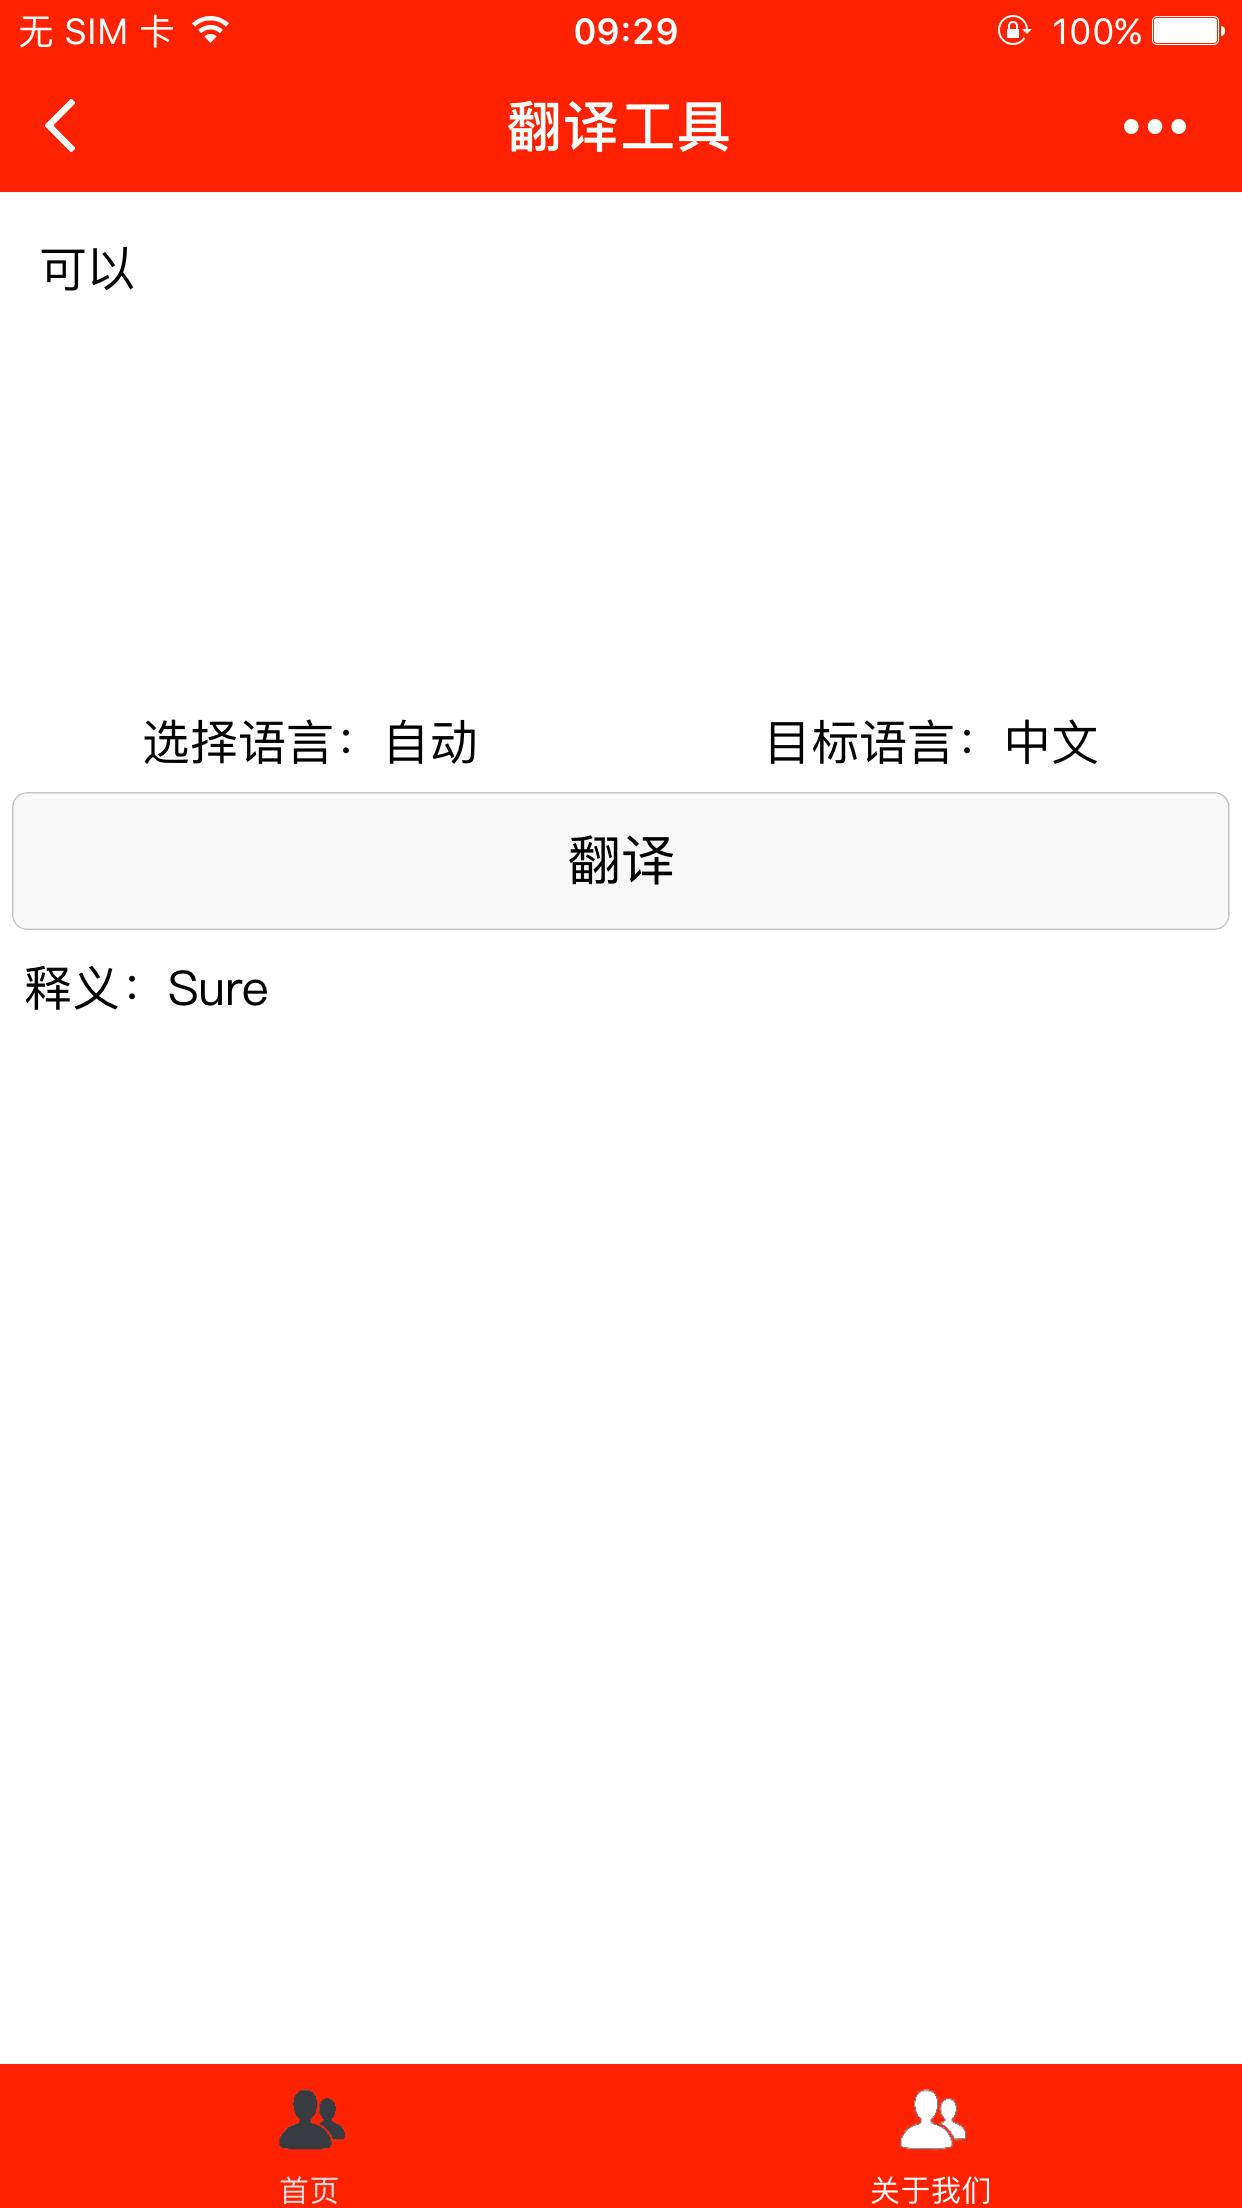 翻译小帮手小程序